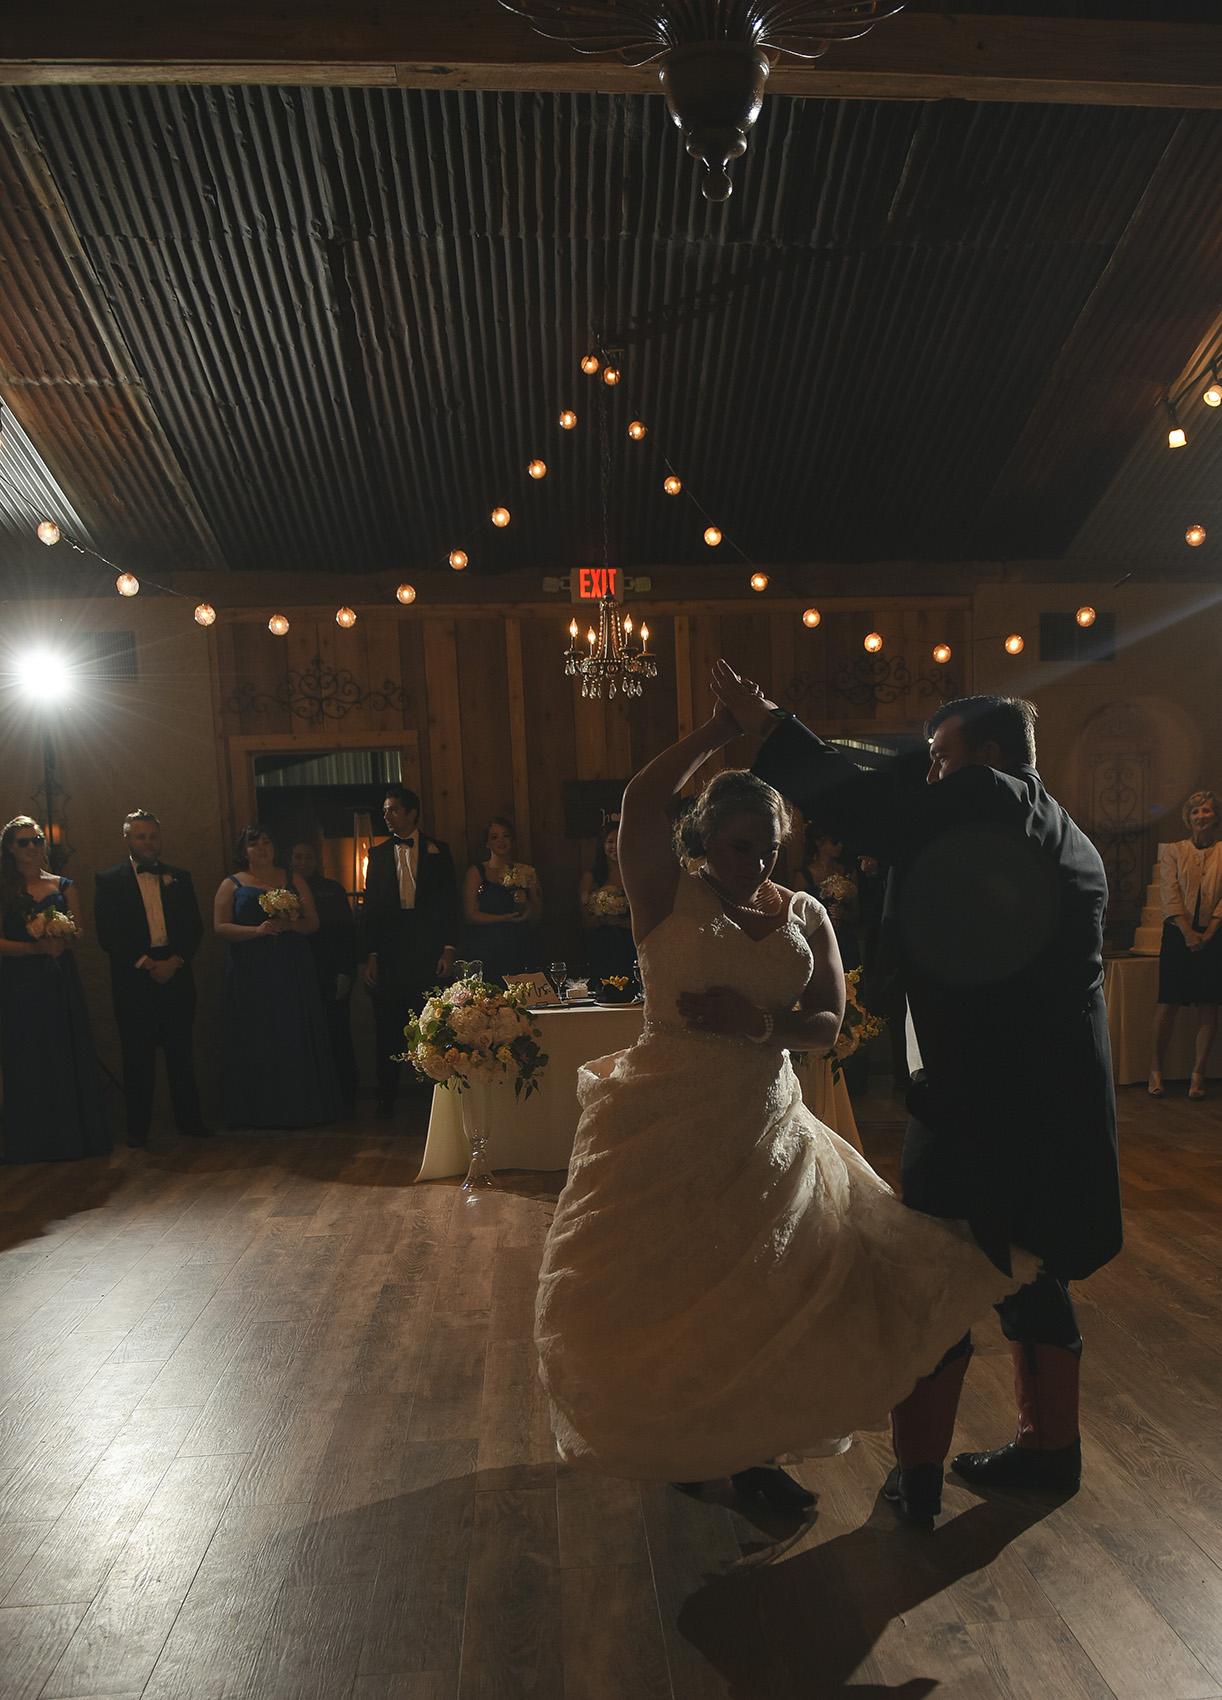 moffitt-oaks-houston-wedding-venue-barn-dance-floor-lighting